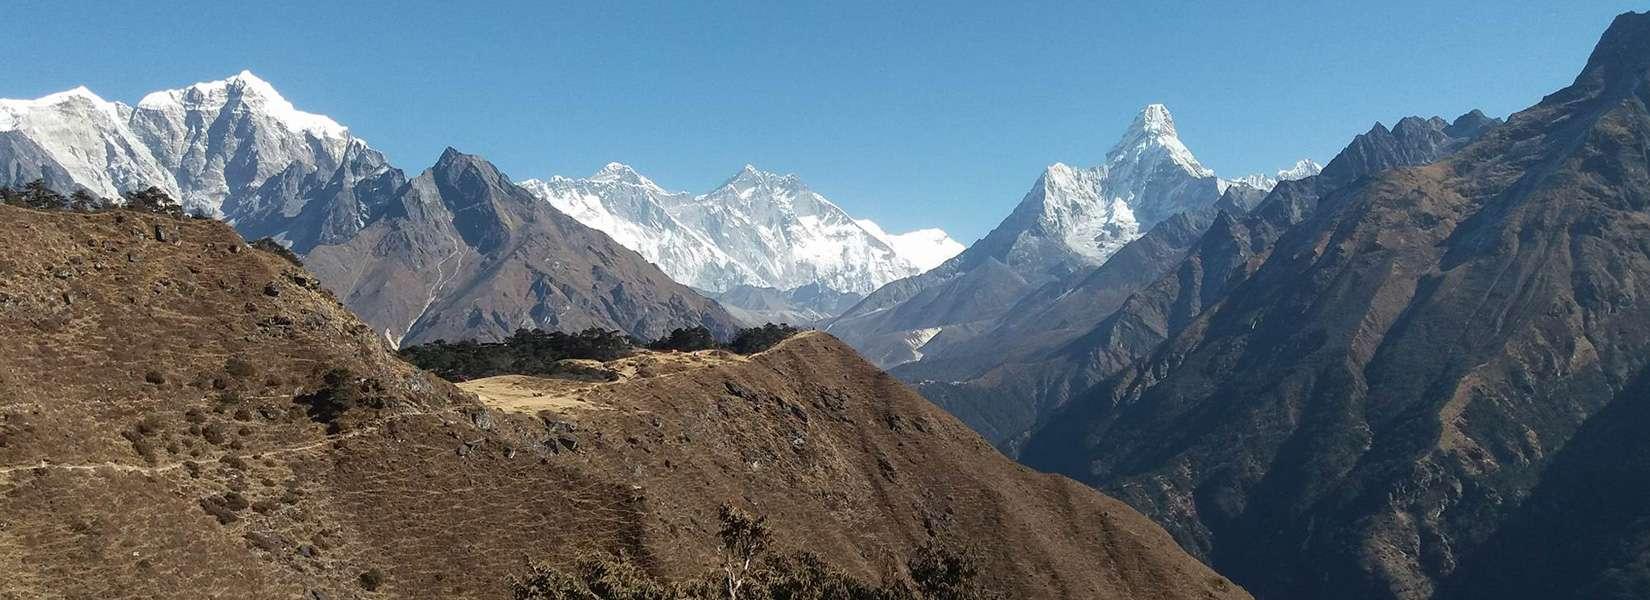 Annapurna Base Camp VS Everest Base Camp